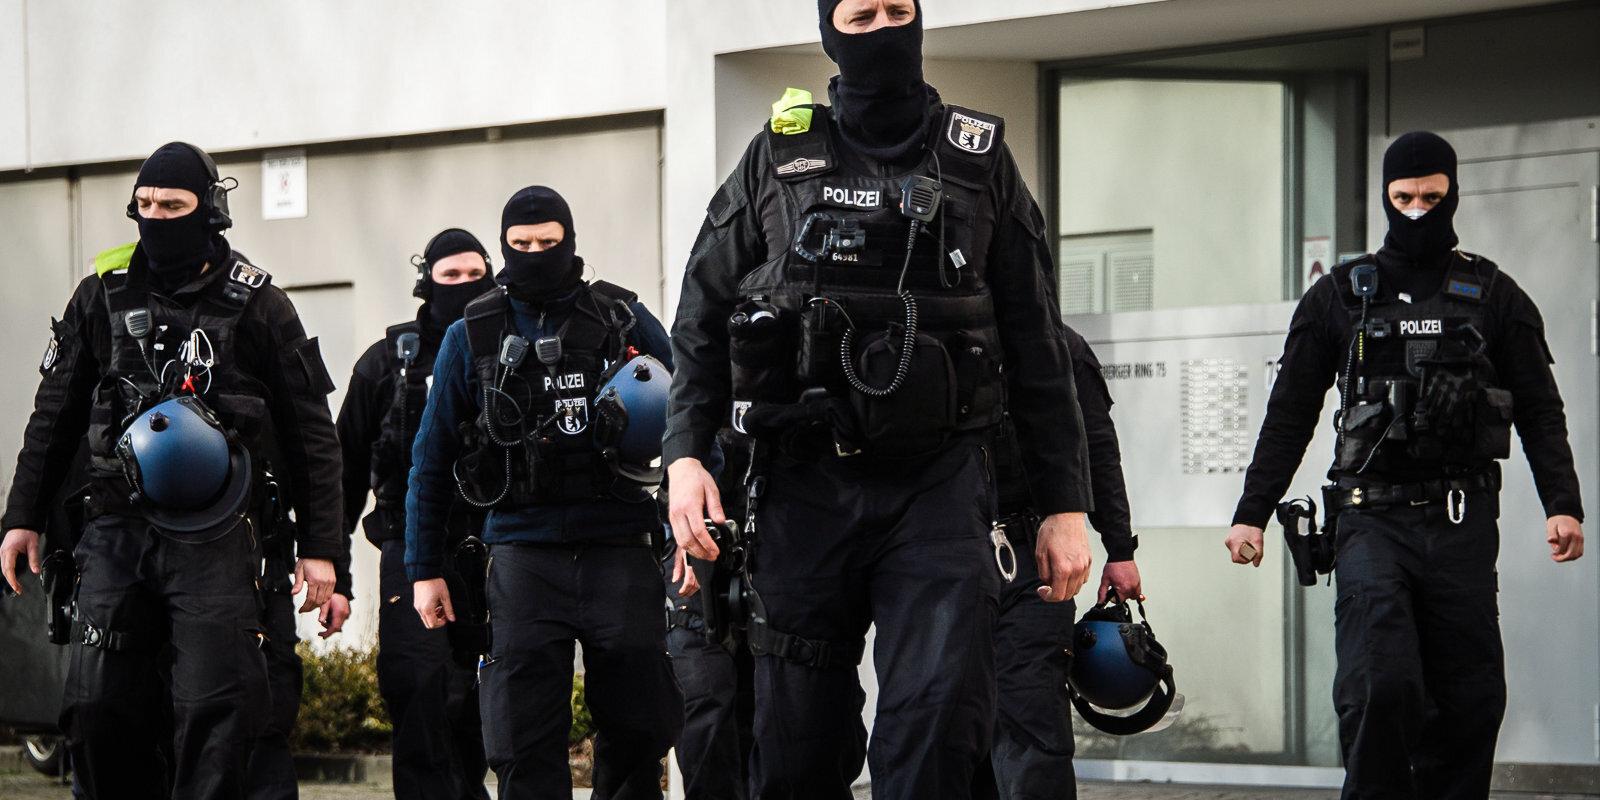 Vācijā atklāta starptautiska narkotirgoņu banda, apcietināta arī viena persona Latvijā